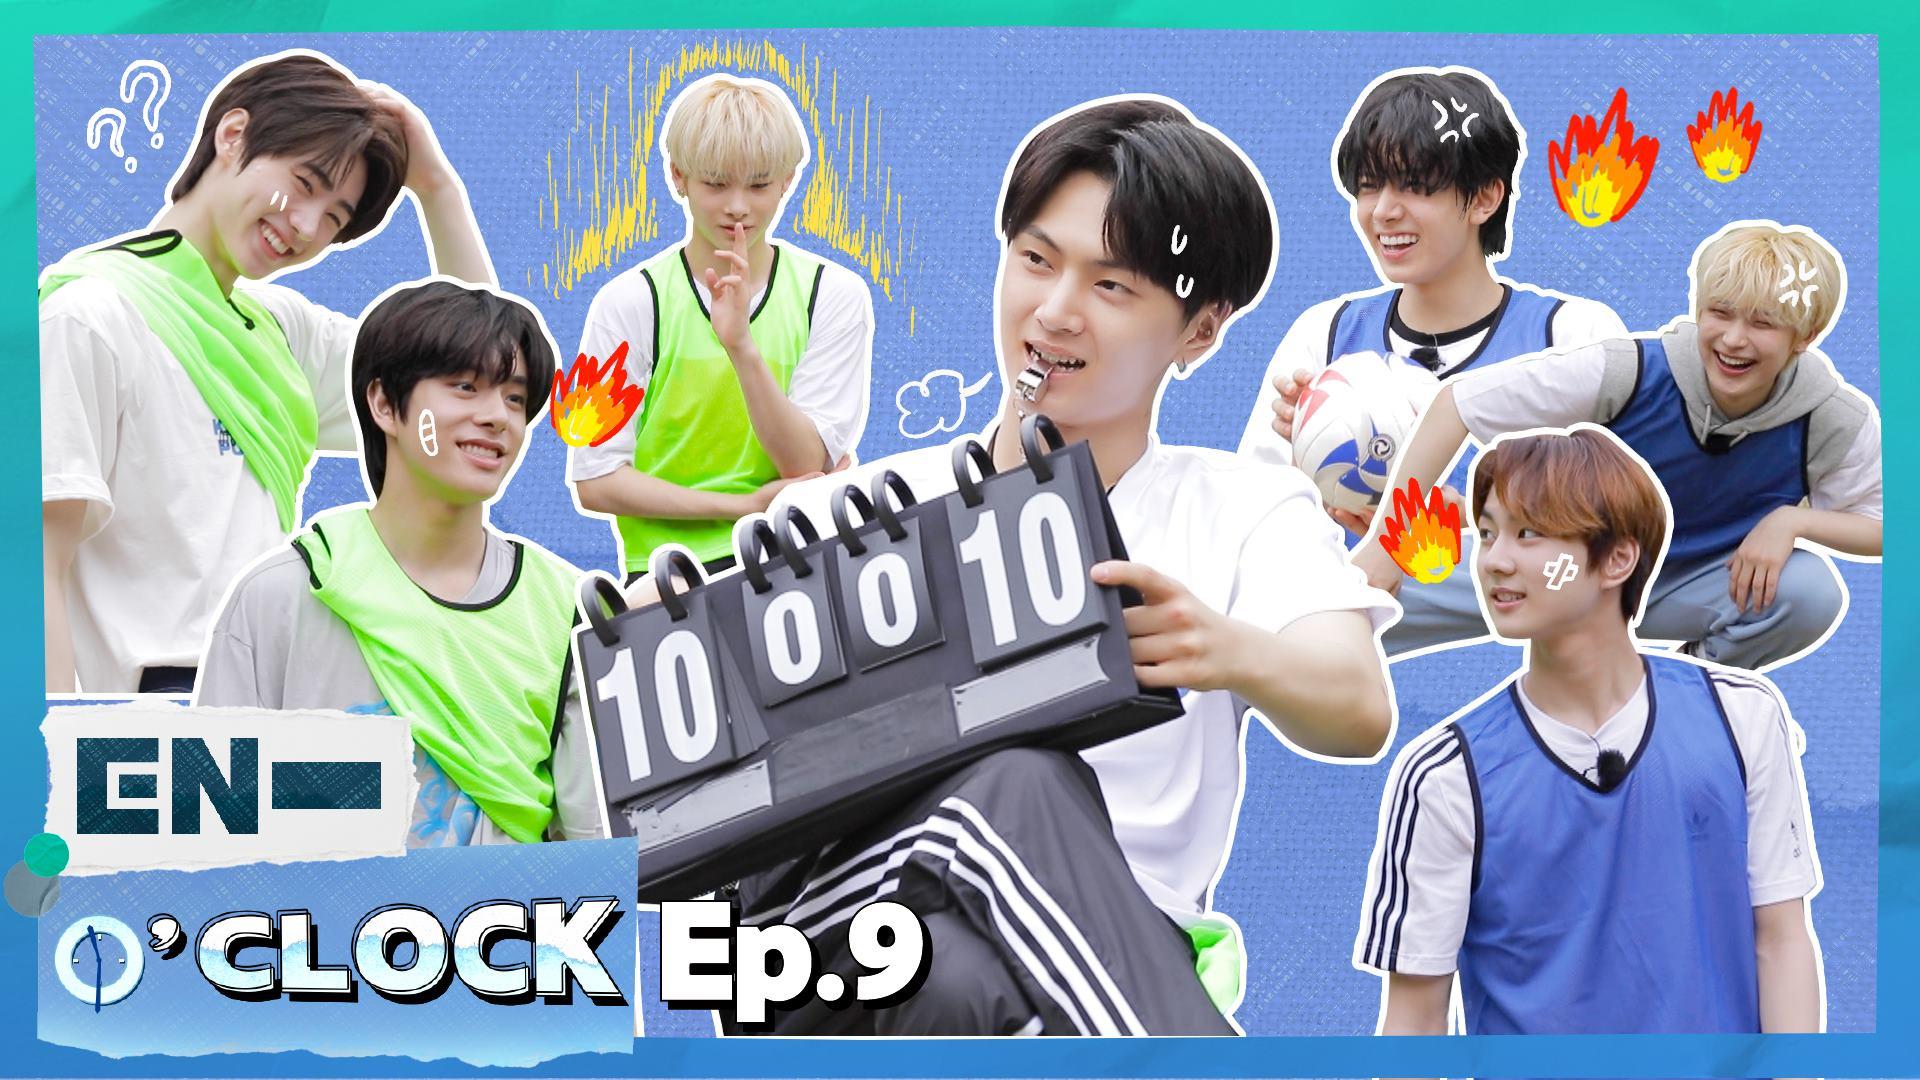 ENHYPEN (엔하이픈) 'EN-O'CLOCK' EP.9